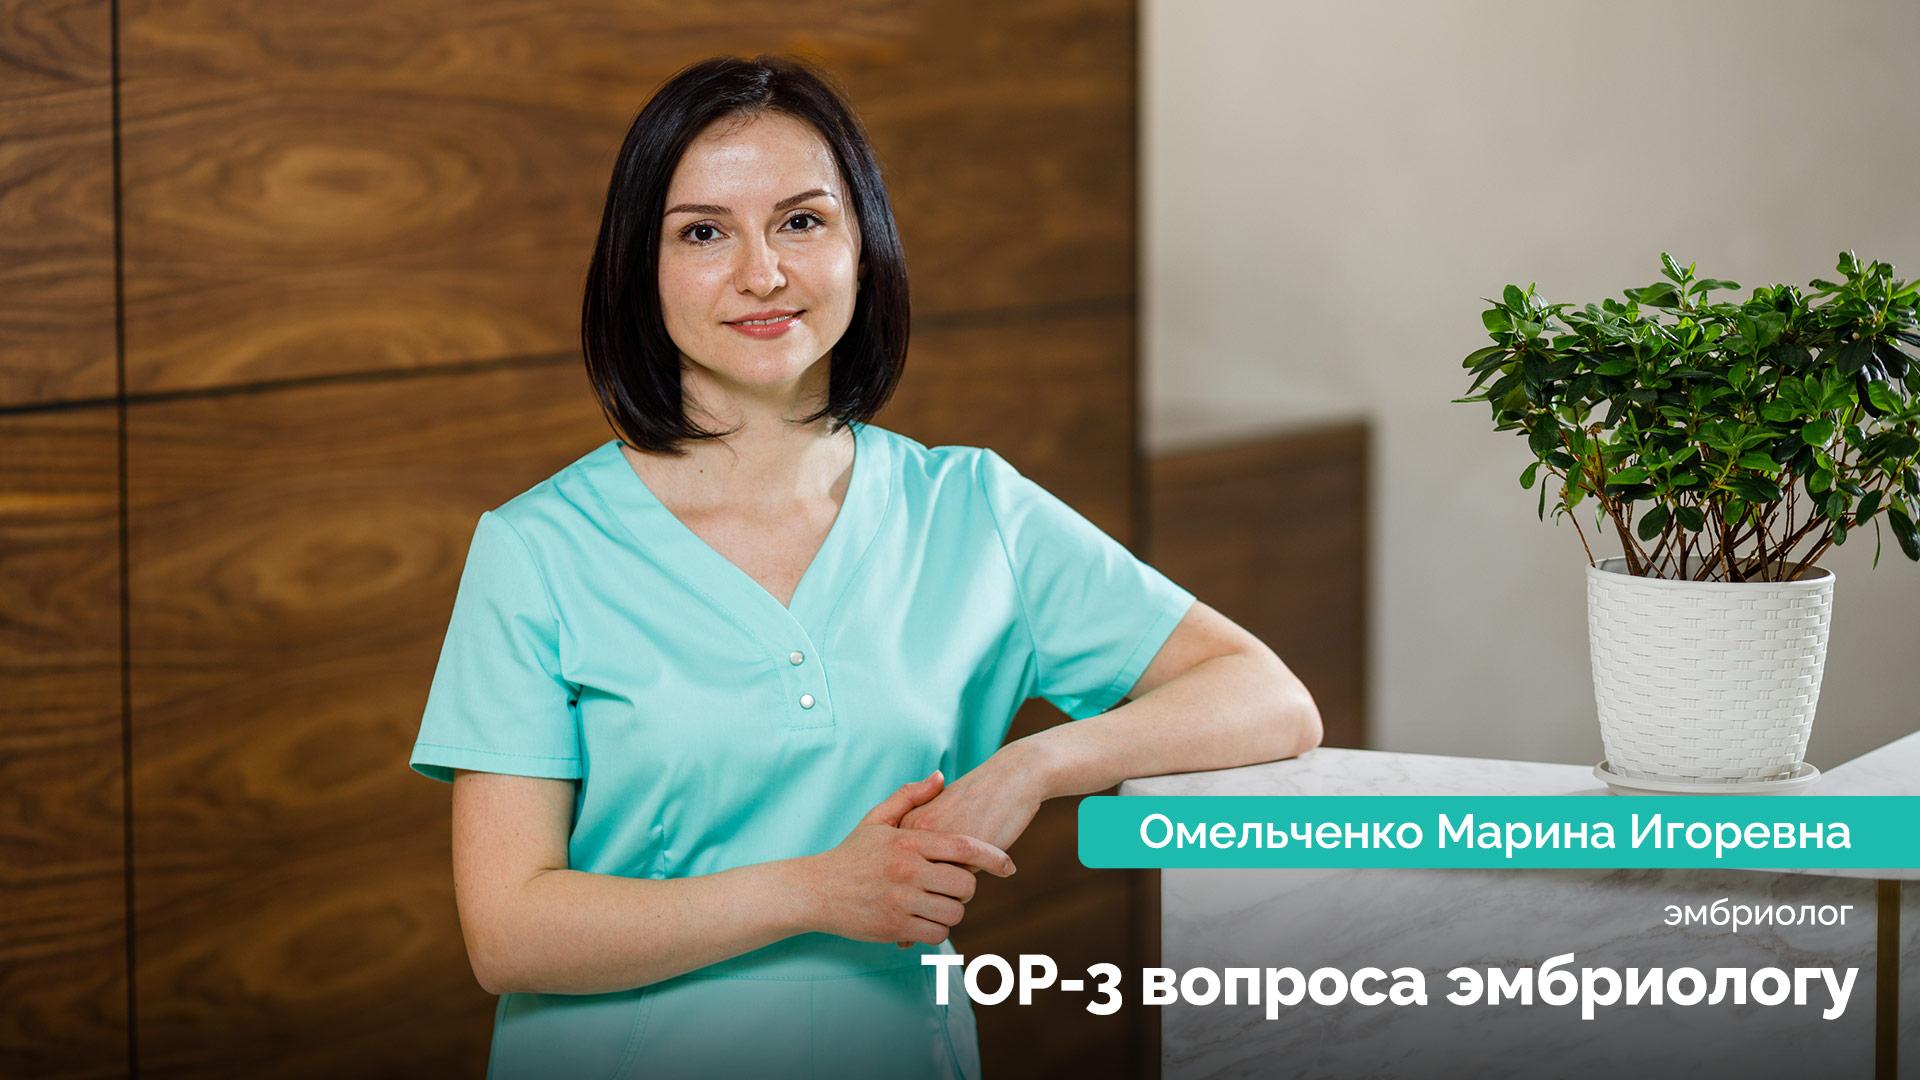 TOP-3 вопроса эмбриологу